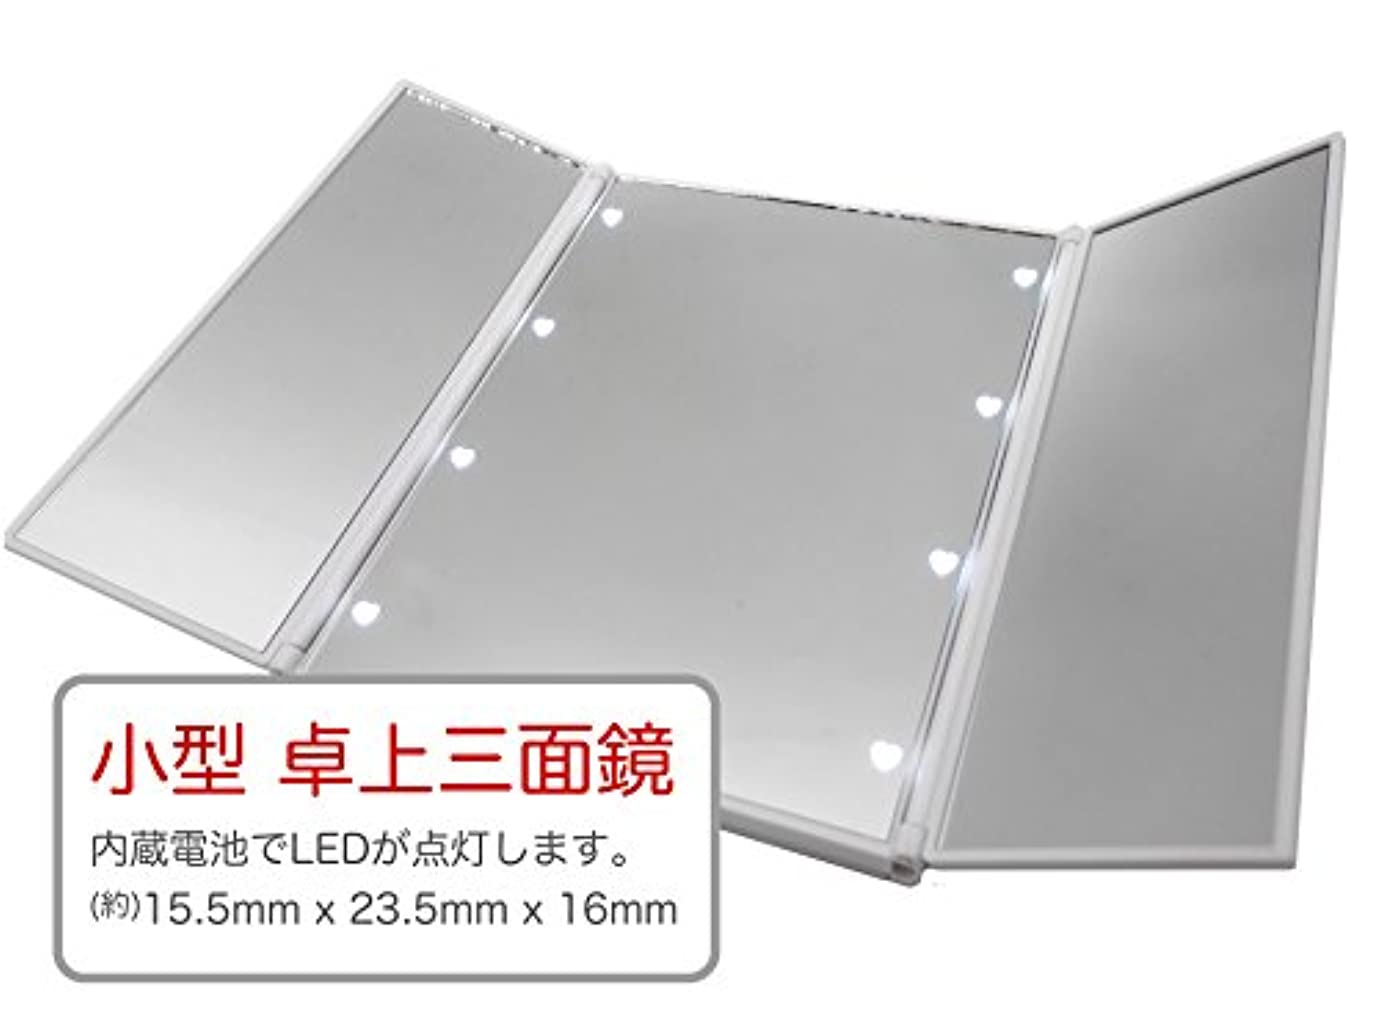 オーディオファン 卓上三面鏡 小型 ホワイト LED付き 日本国内より発送